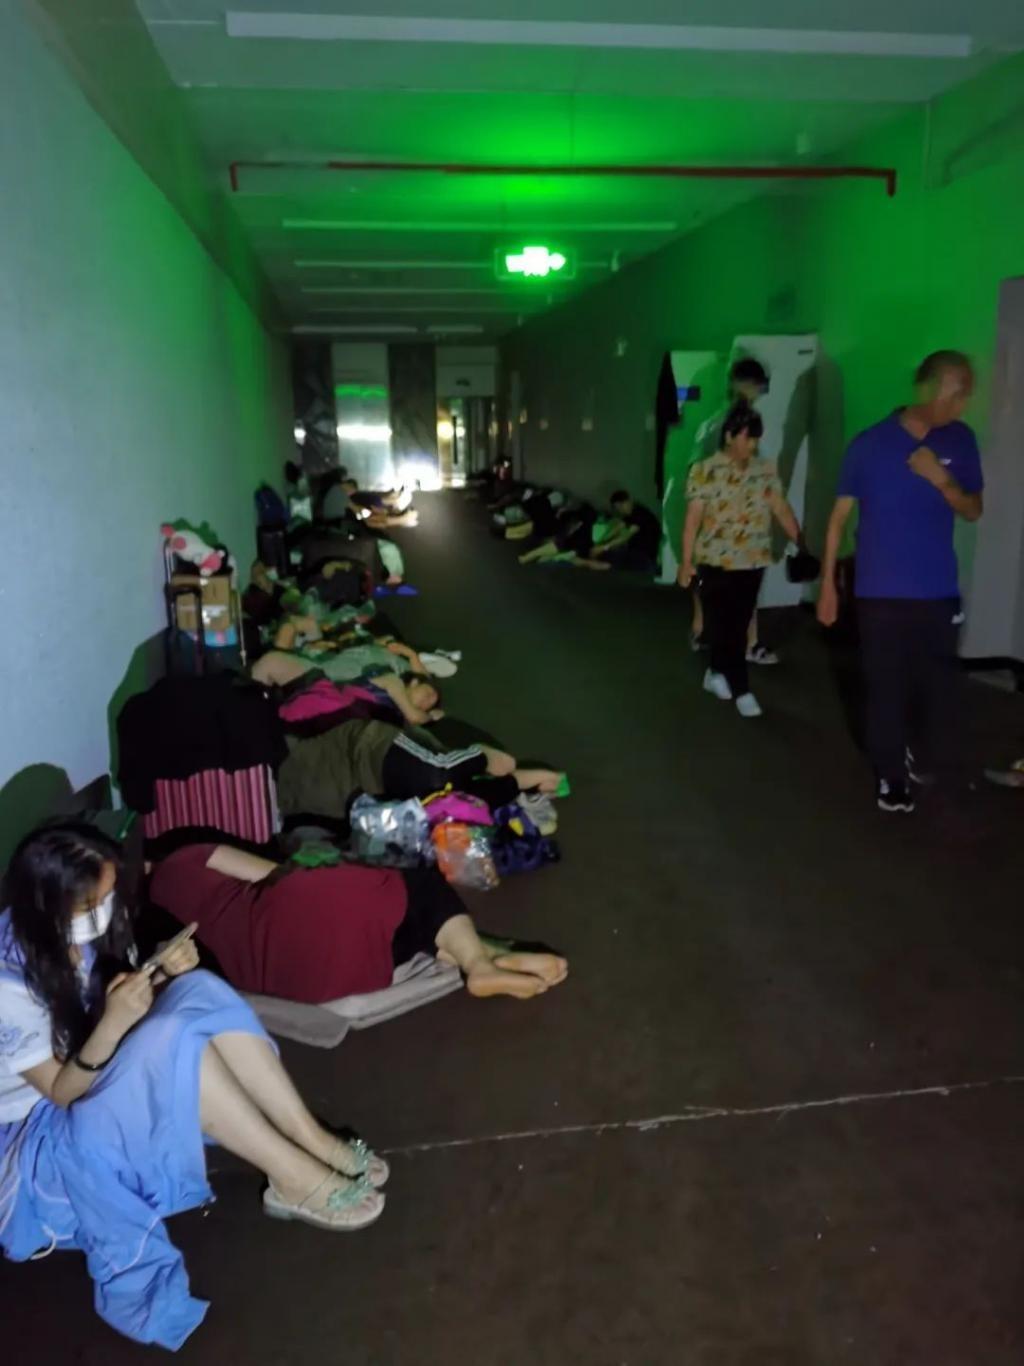 郑州酒店暴雨中涨价,女子花2000元在停电